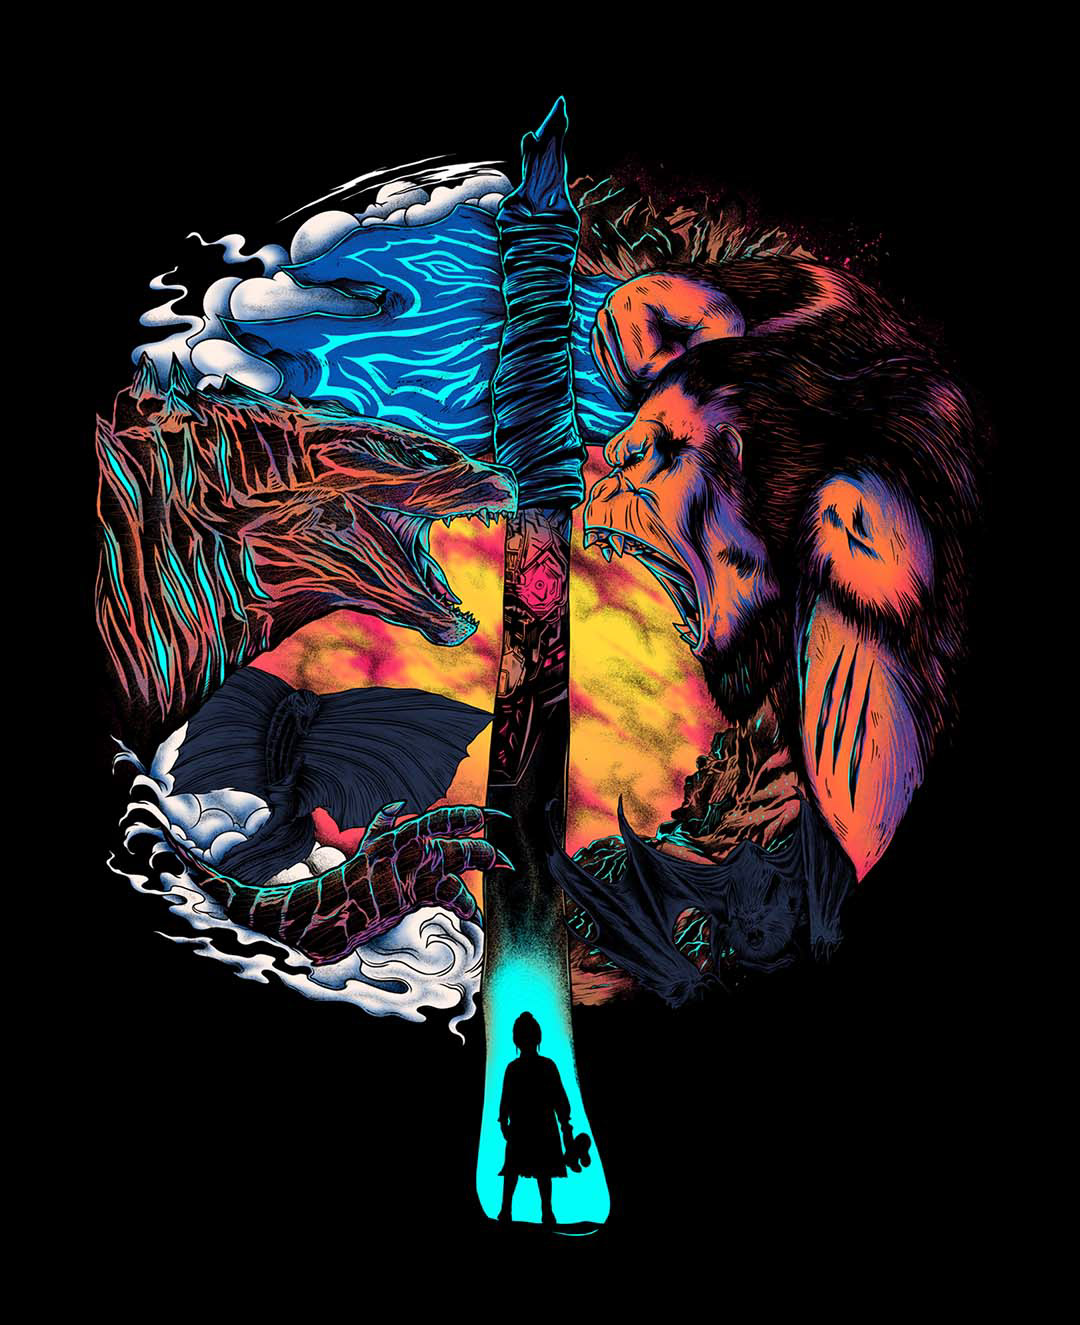 fanart godzilla GodzillavsKong gojira kaiju kingkong mechagodzilla Monsterverse movie TRENDING